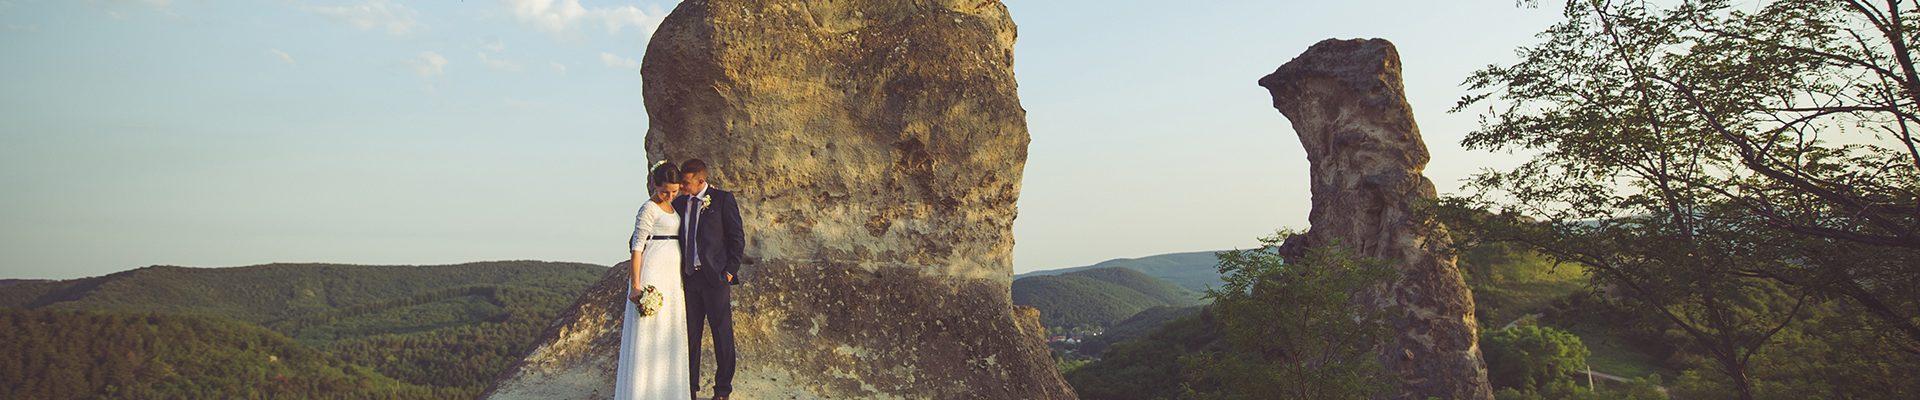 fotó-Korsós Viktor 3.2